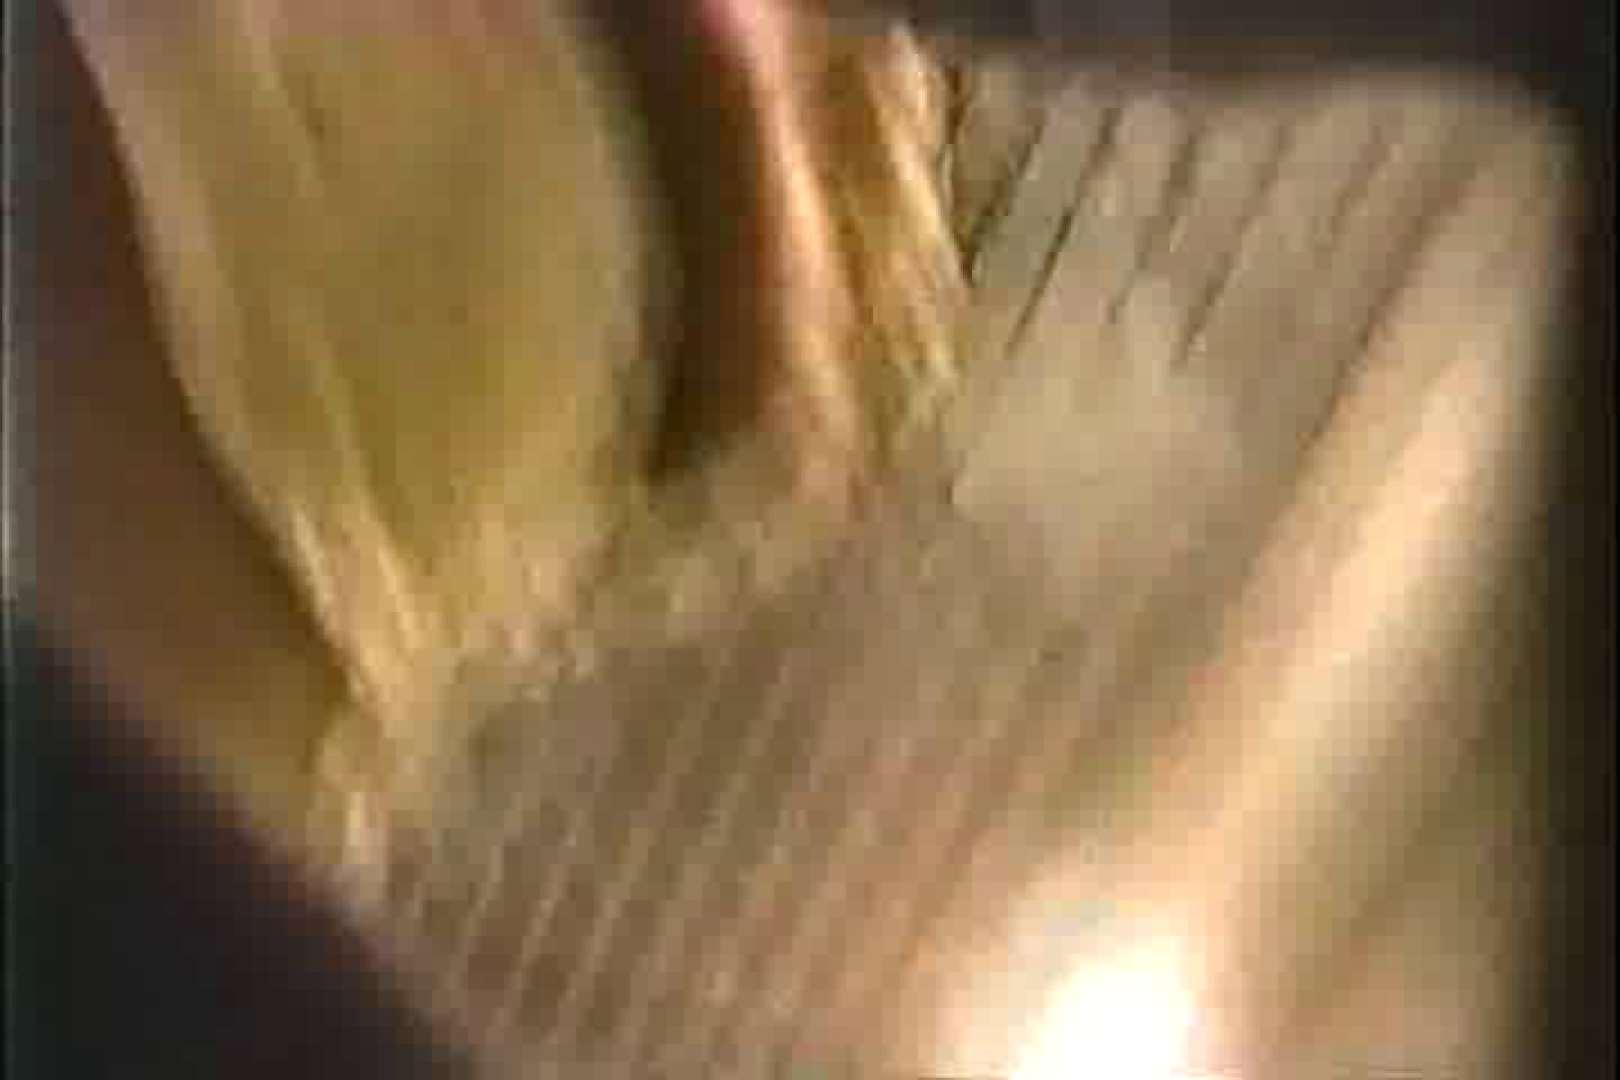 「ちくりん」さんのオリジナル未編集パンチラVol.4_02 チラ のぞきエロ無料画像 69pic 23